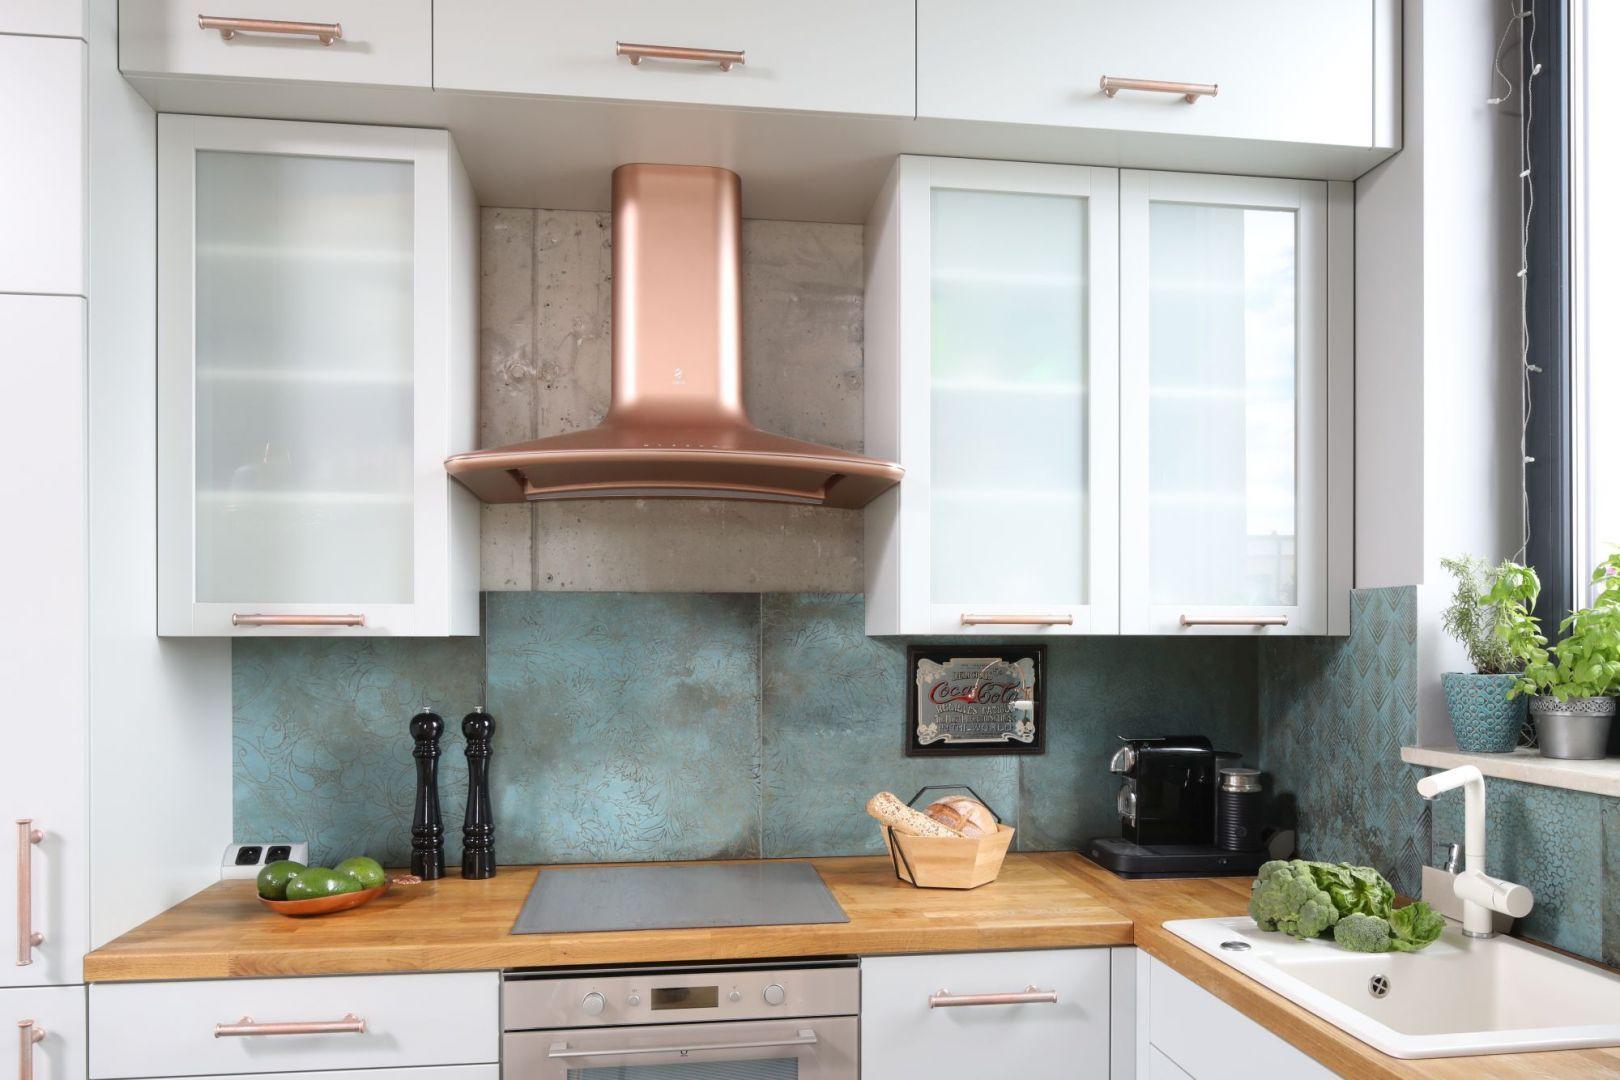 Sciana Nad Blatem 20 Pieknych Zdjec Kuchni Galeria Dobrzemieszkaj Pl Kitchen Kitchen Cabinets Decor